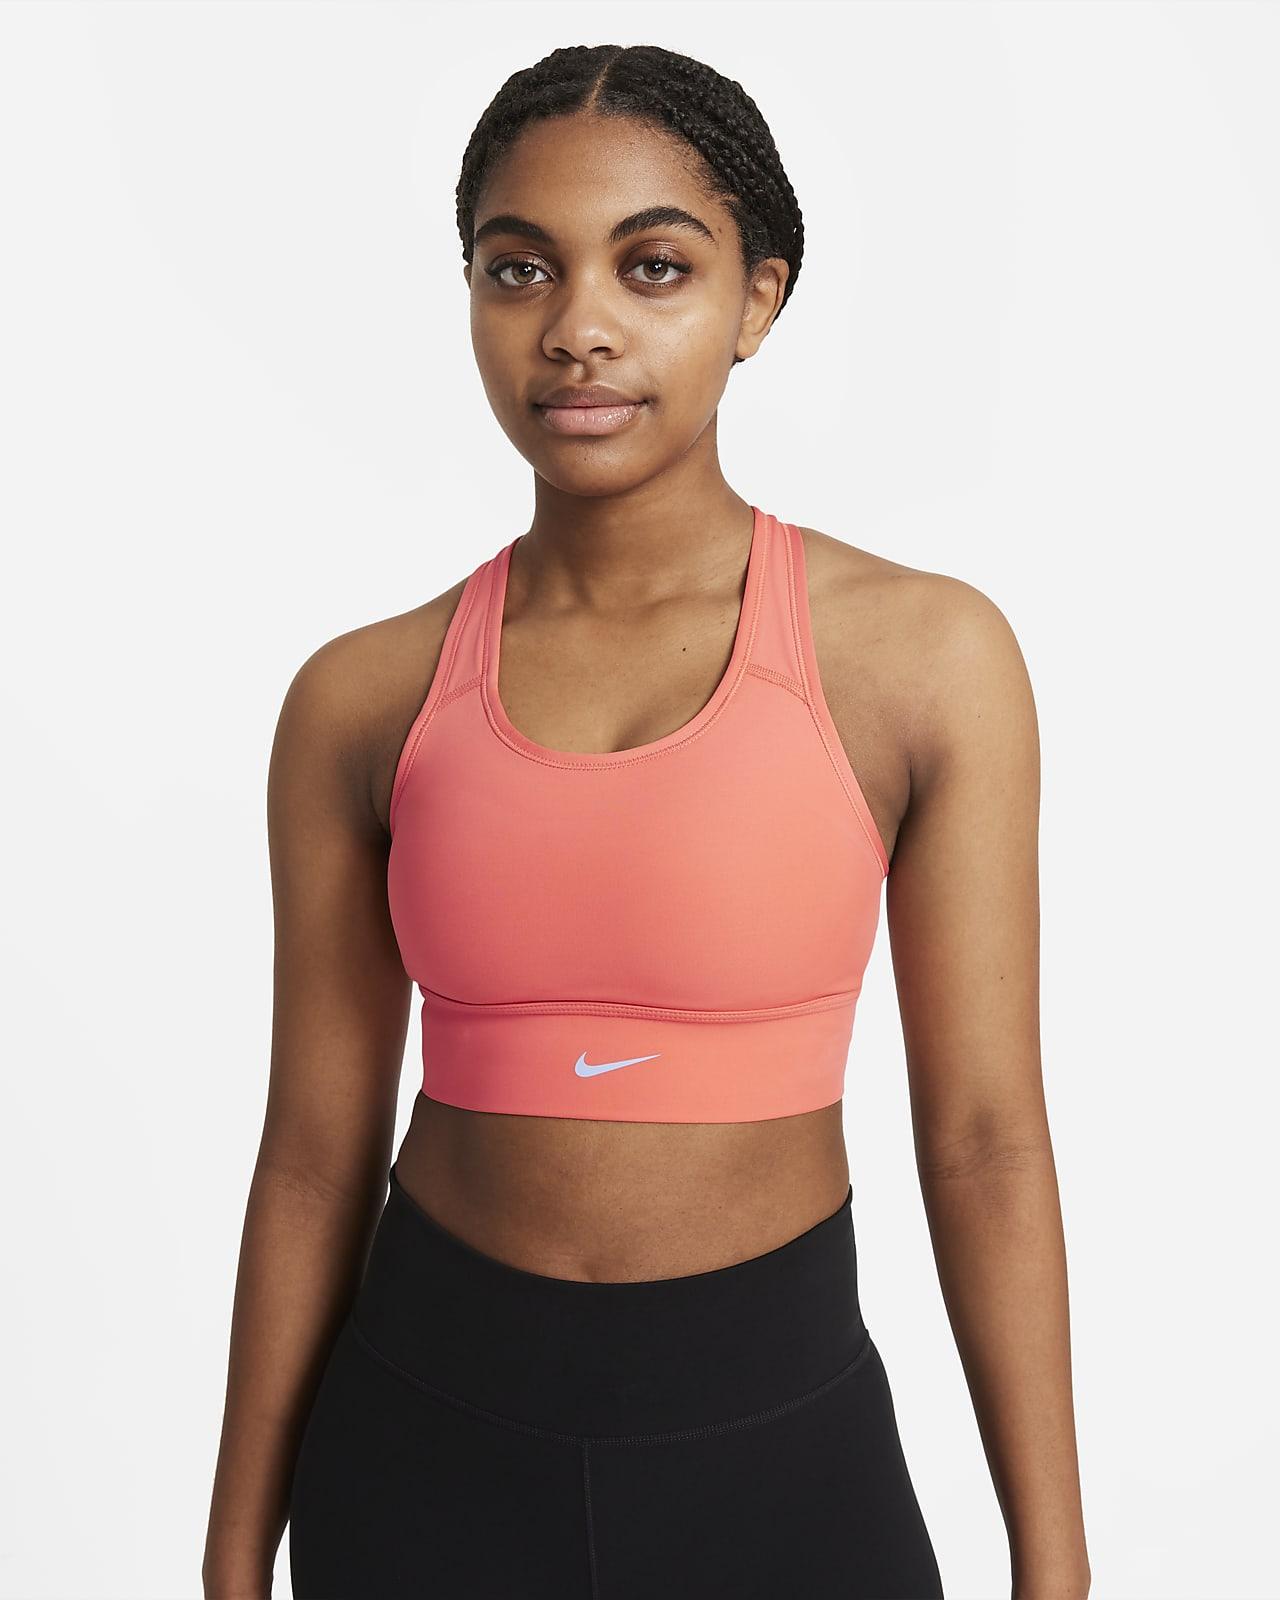 Nike Dri-FIT Swoosh Orta Destekli Tek Parça Pedli Uzun Kadın Spor Sütyeni